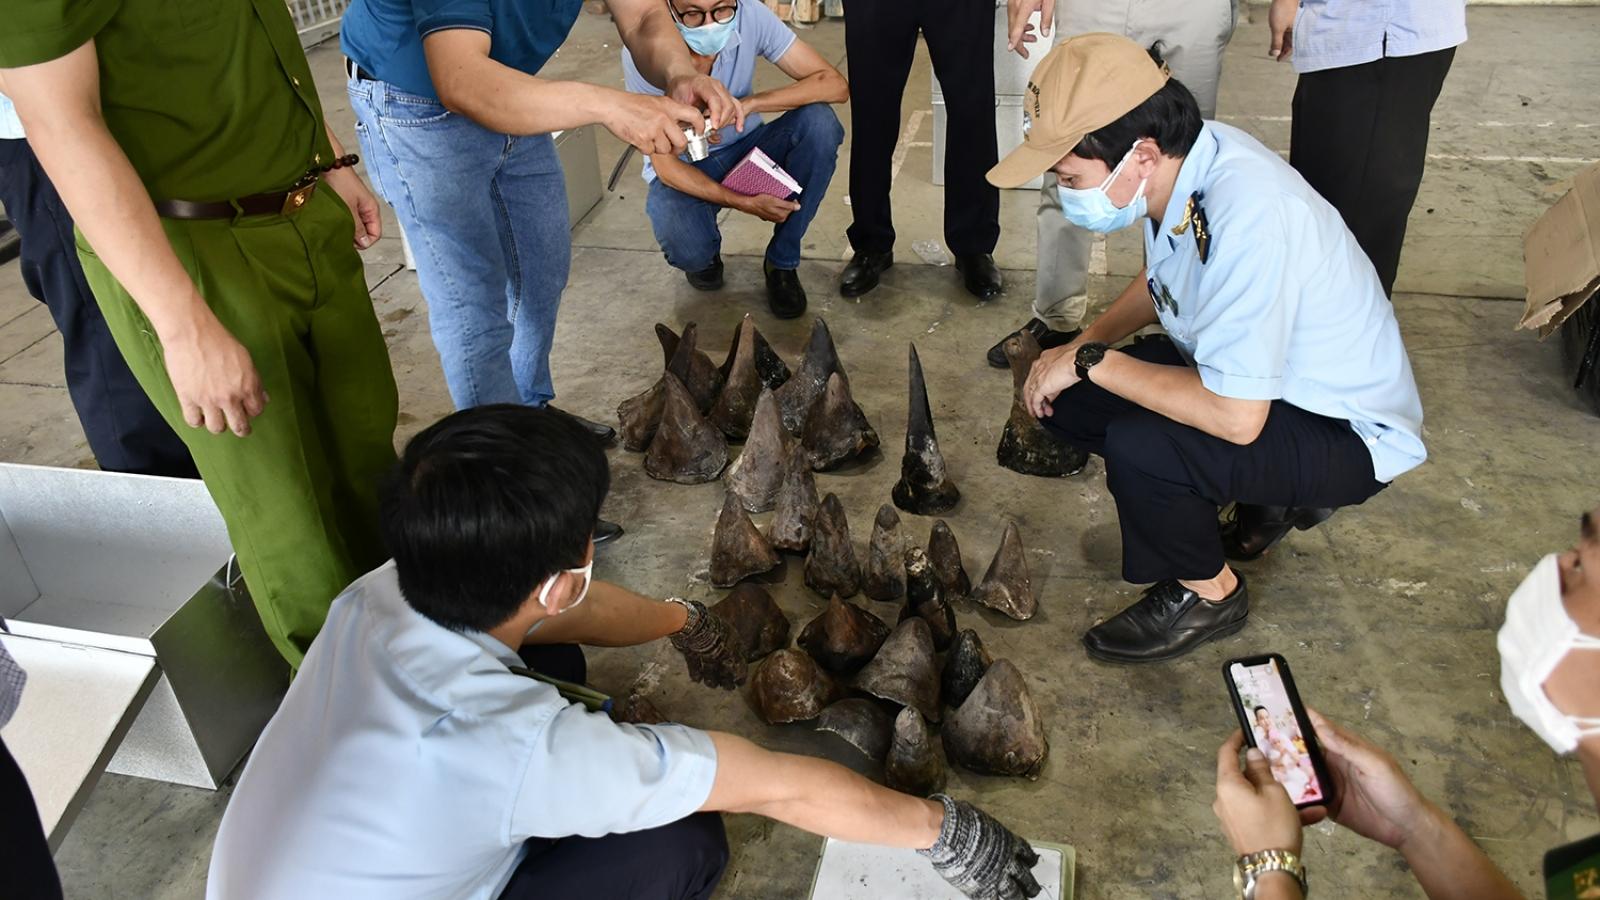 Bắt giữ gần 140 kg hàng nhập khẩu nghi sừng Tê giác và xương động vật hoang dã